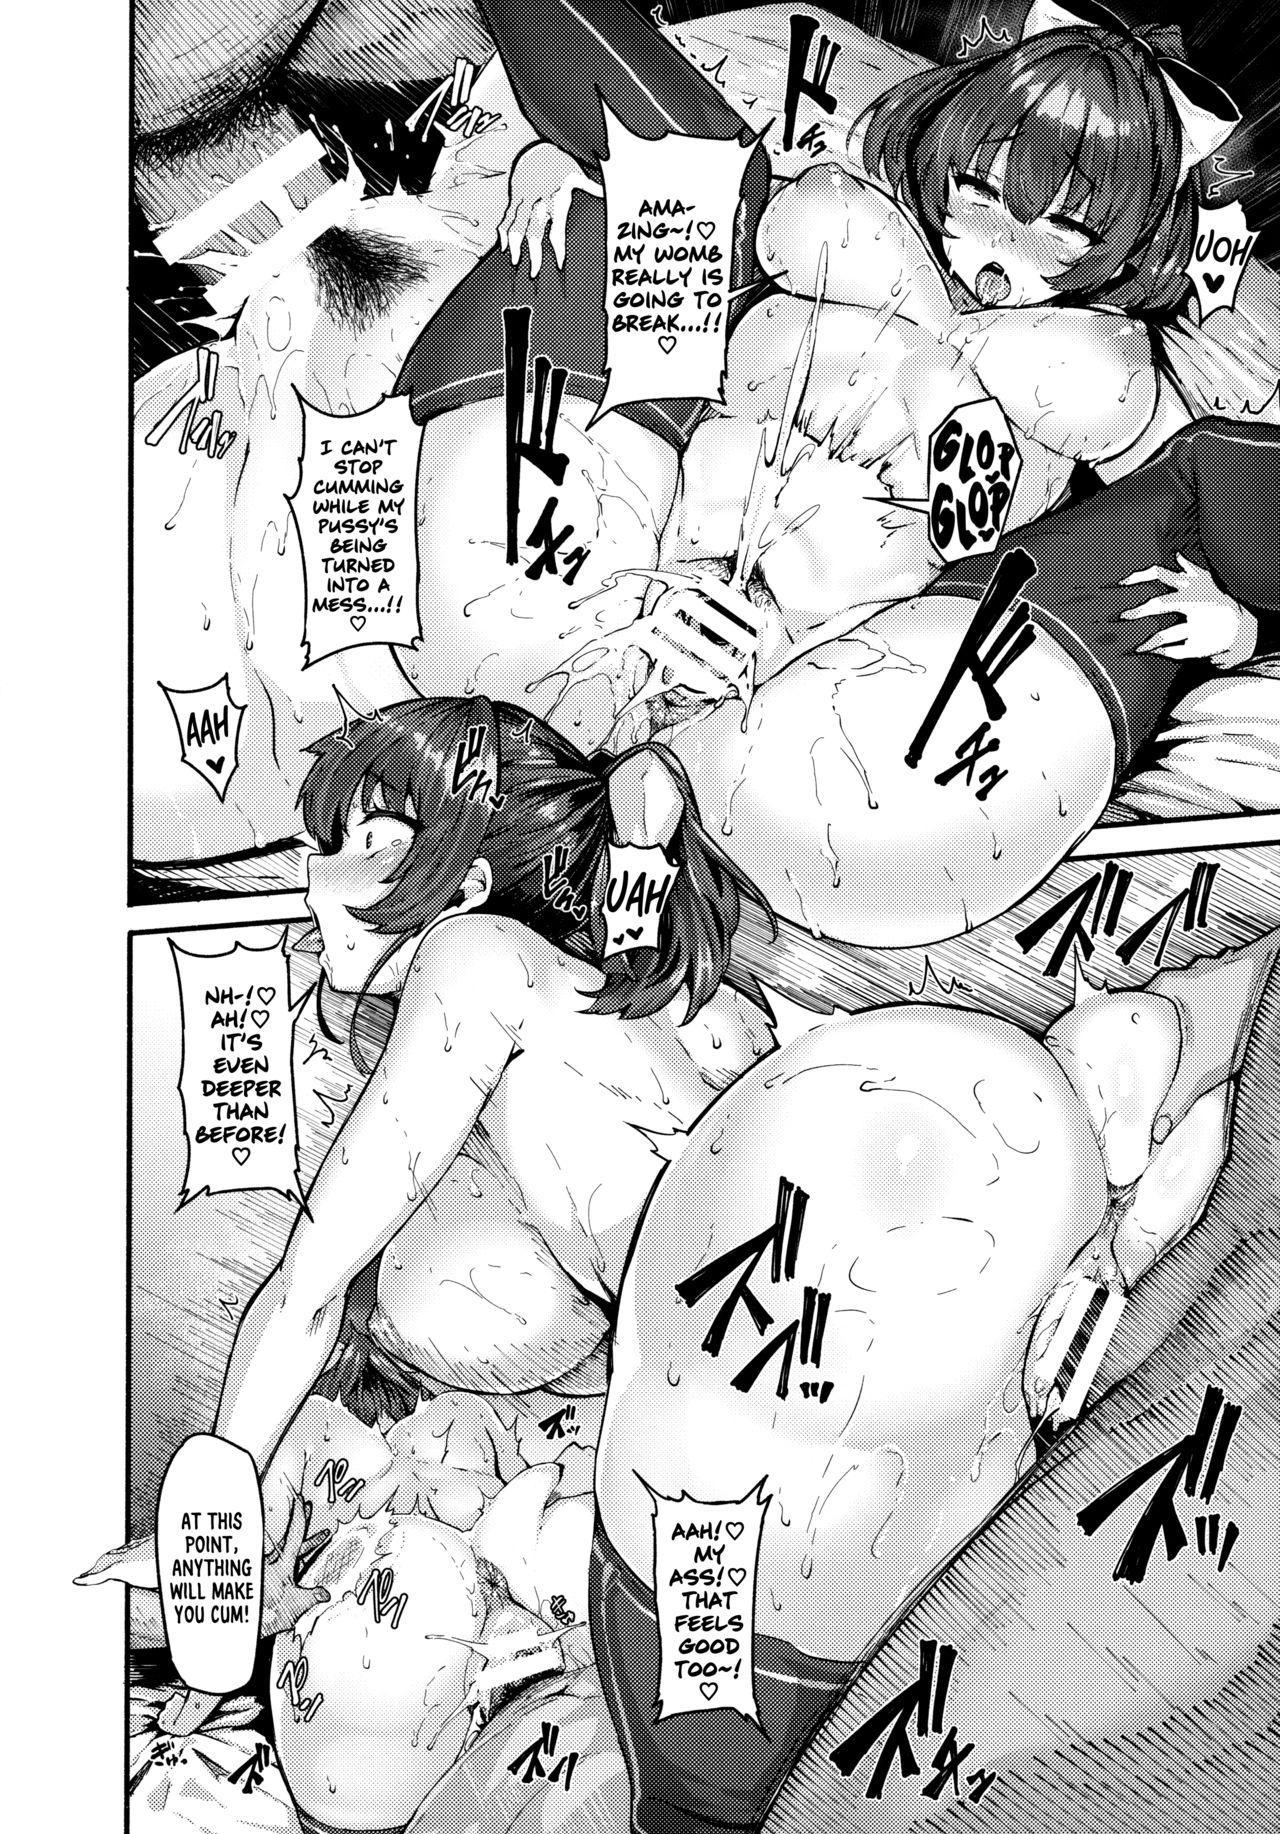 (Akihabara Chou Doujinsai) [LAMINARIA (Shiokonbu)] Kimi-tachii Senchou to Off-pako Shitain desu kaa | You Guys~! Do You Wanna Have Offline Sex With Senchou? (Houshou Marine) [English] [Xzosk] 21